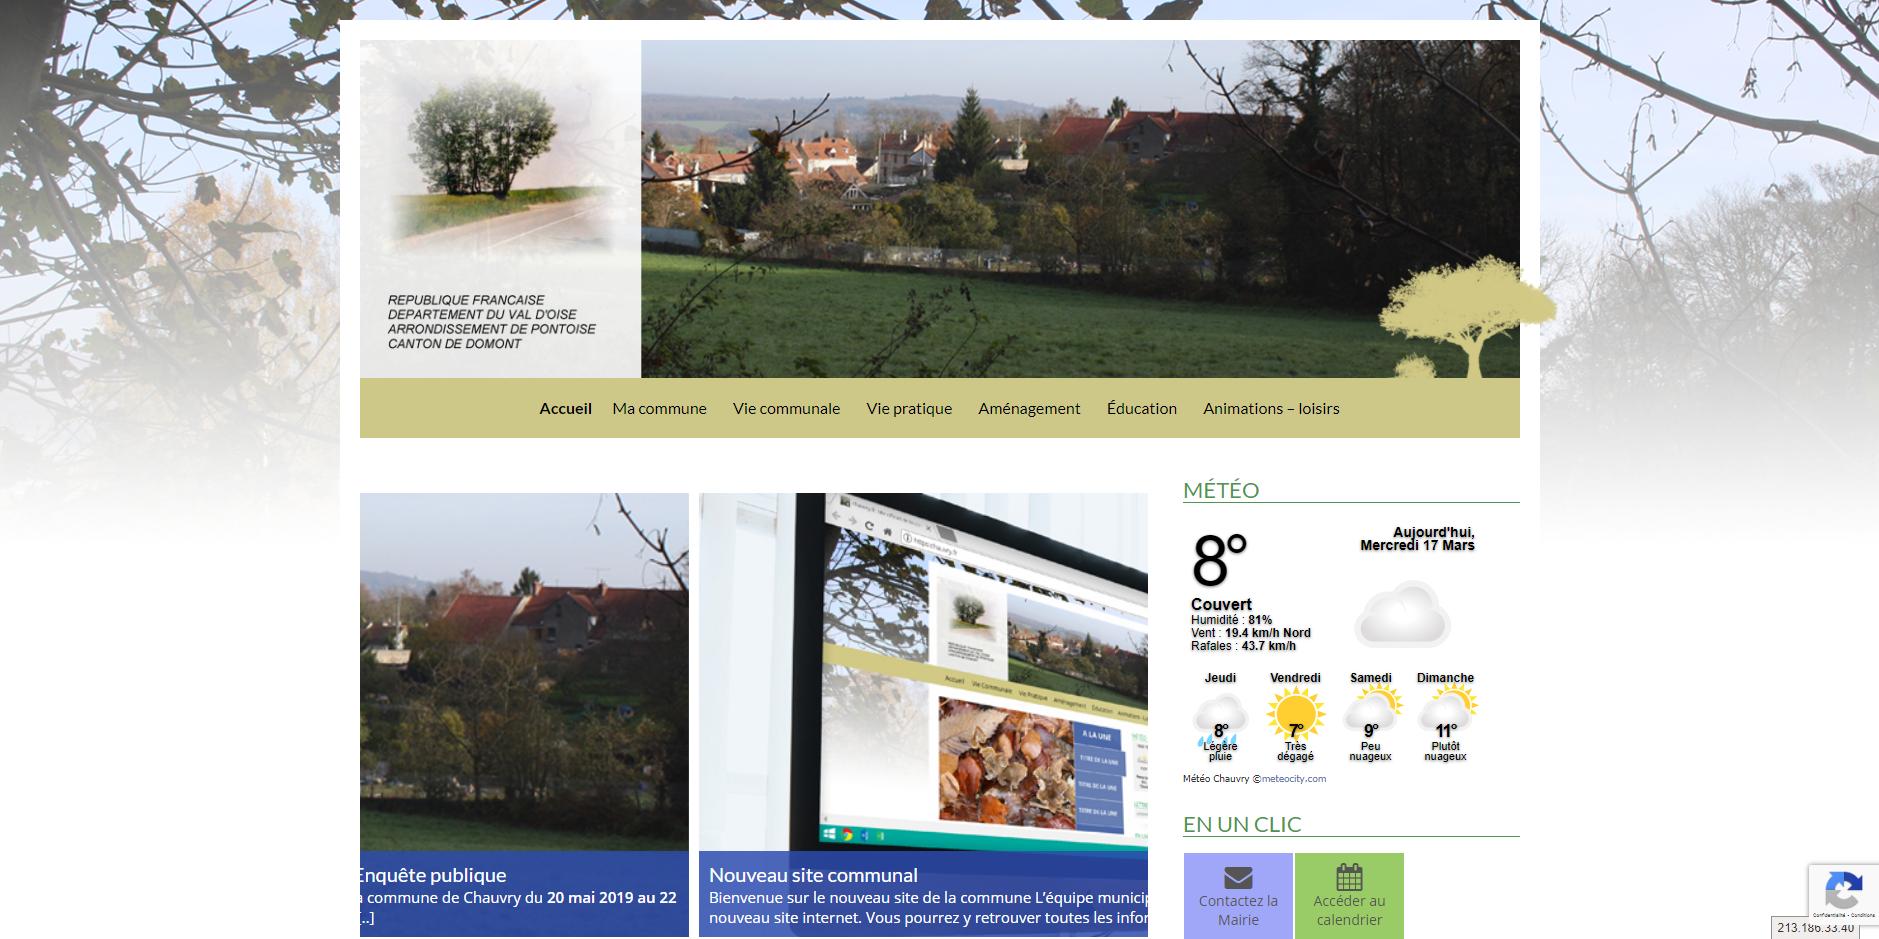 conception du site de Chauvry par l'union des maires du Val-d'Oise